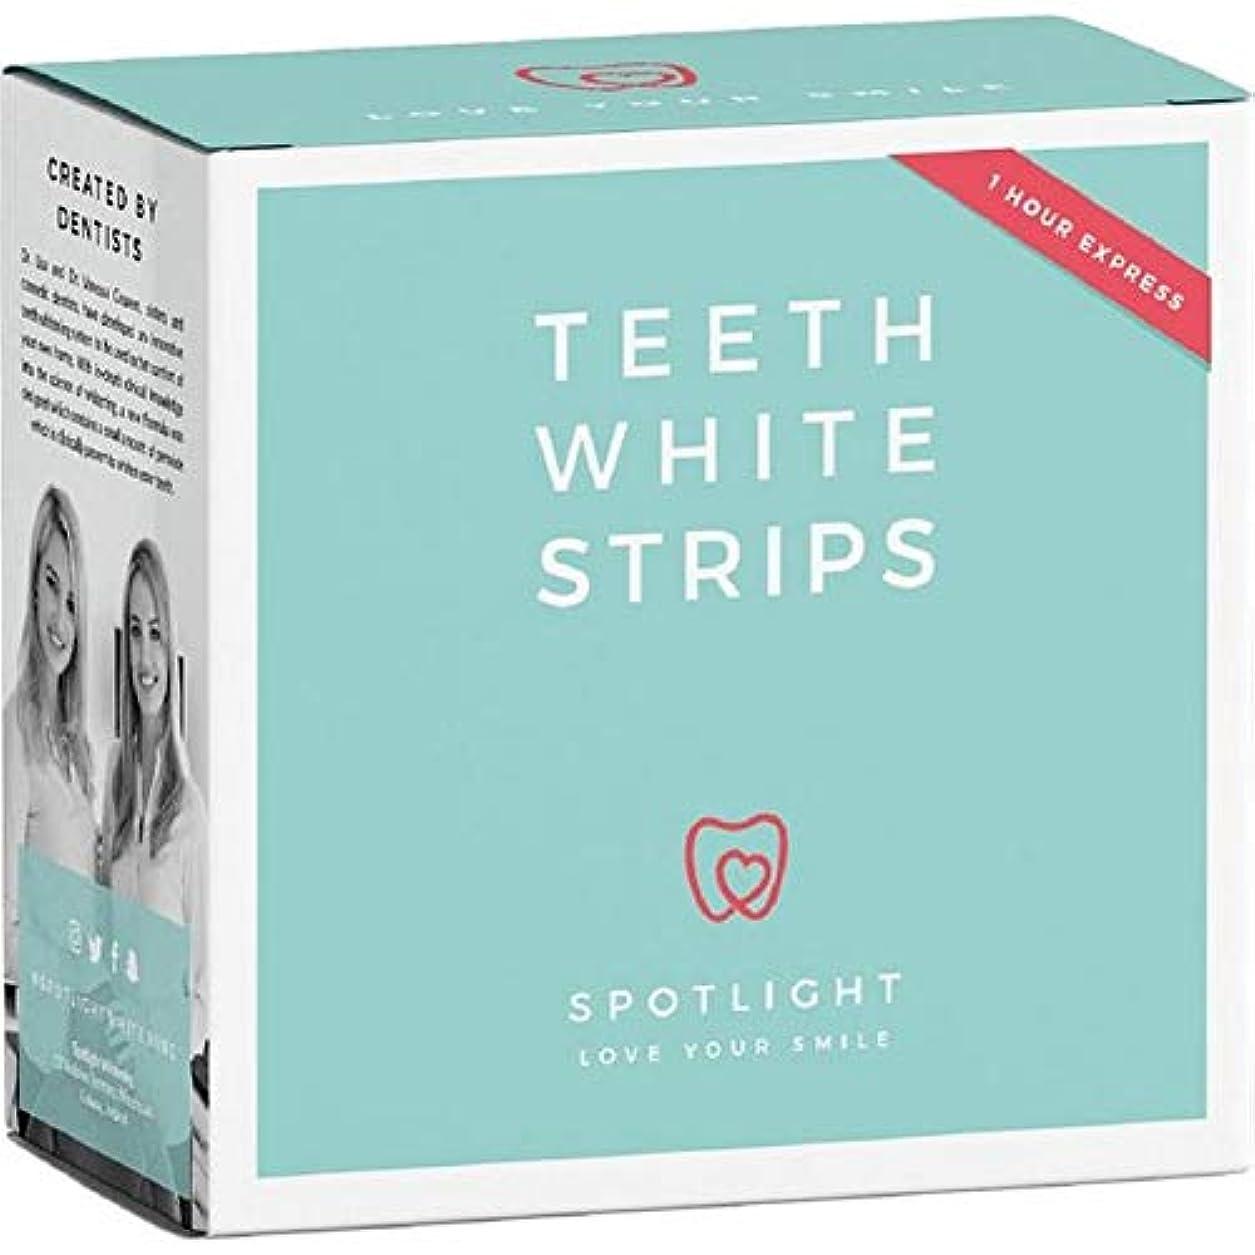 前に商品安定した[Spotlight Teeth Whitening ] スポットライトホワイトニング歯ホワイトストリップ - Spotlight Whitening Teeth White Strips [並行輸入品]